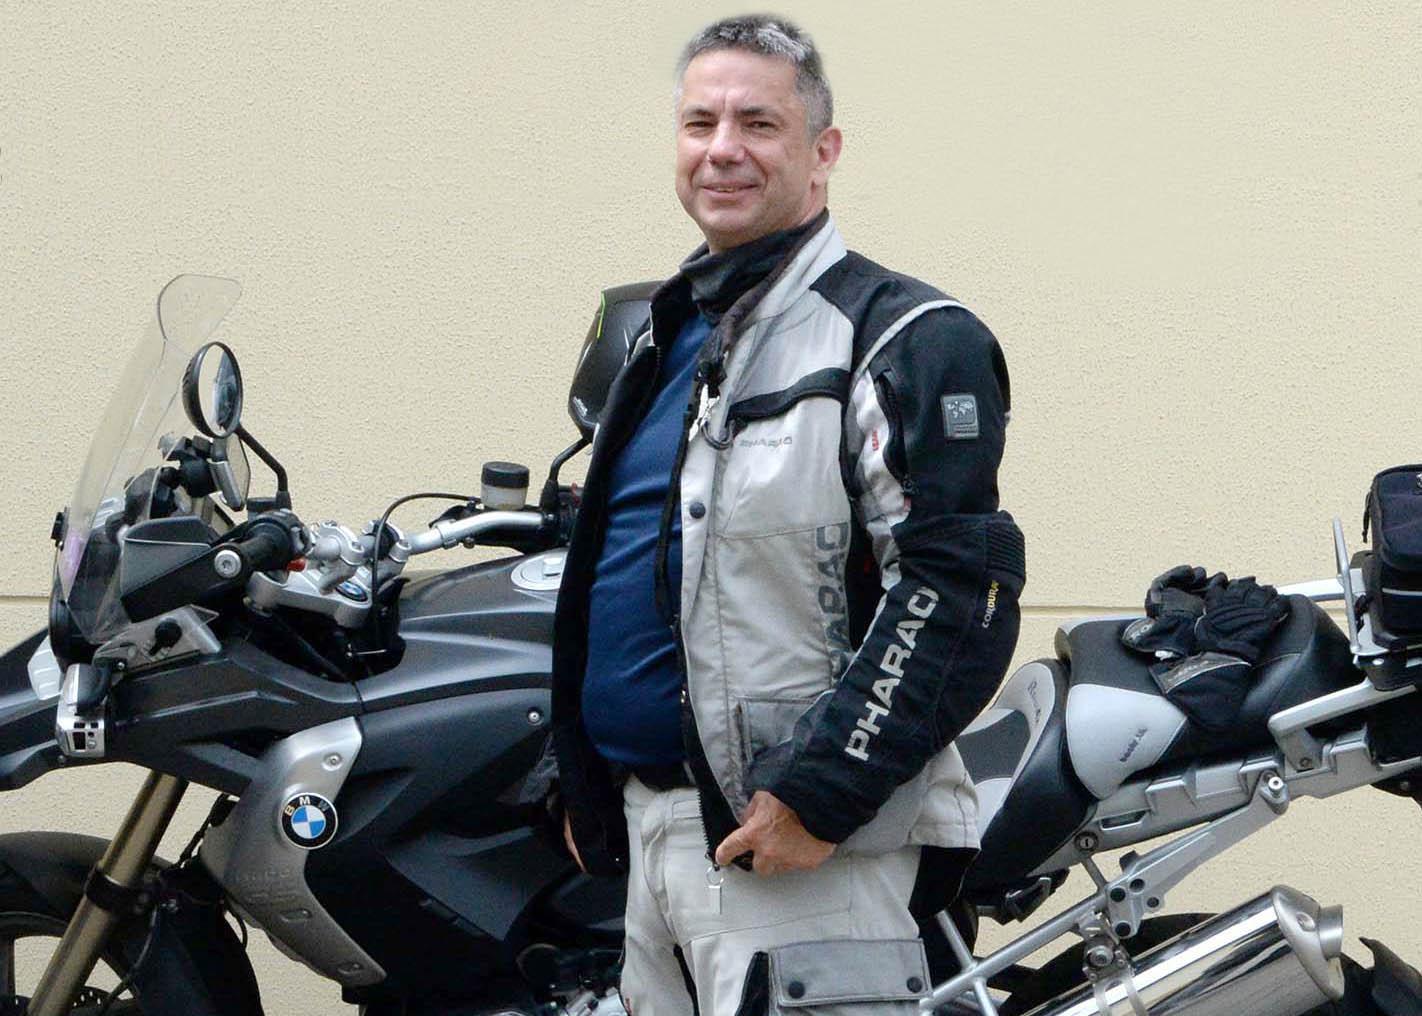 """Auf Tour... Motorradreisen - """"unterwegs mit Achim"""" - 2. Tagestour am 10. Juni 2018 - """"zum Spargelessen nach Wiesenburg"""" NUR ZUR PRIVATEN VERWENDUNG"""